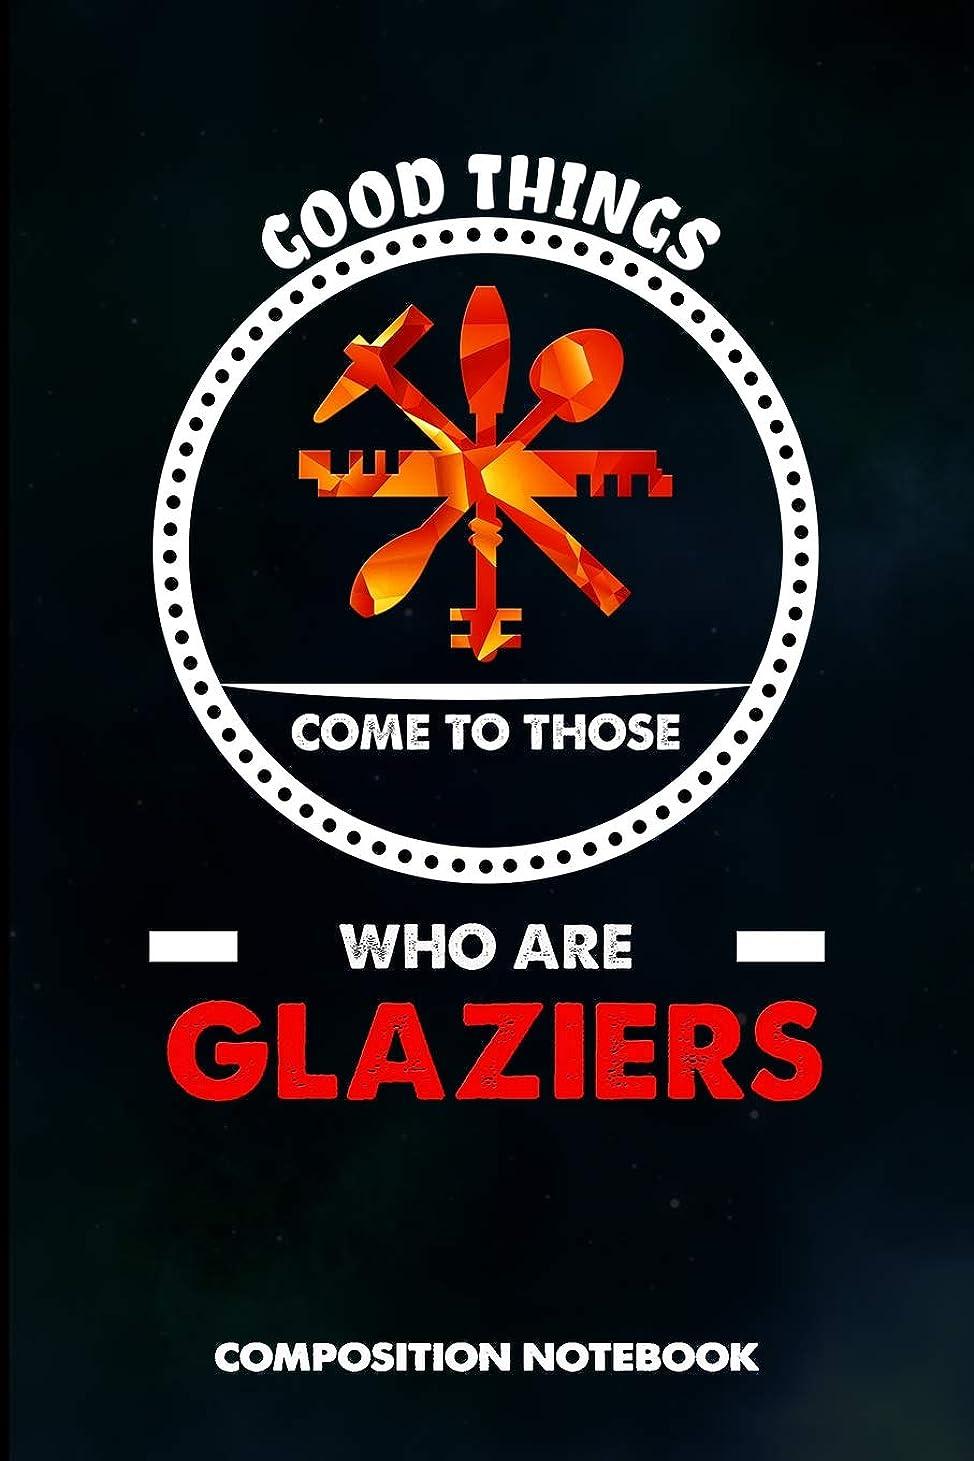 レンチベイビー浜辺Good Things Come to Those who Are Glaziers: Composition Notebook, Birthday Journal for Glass Fitters, Windows Repairers to write on